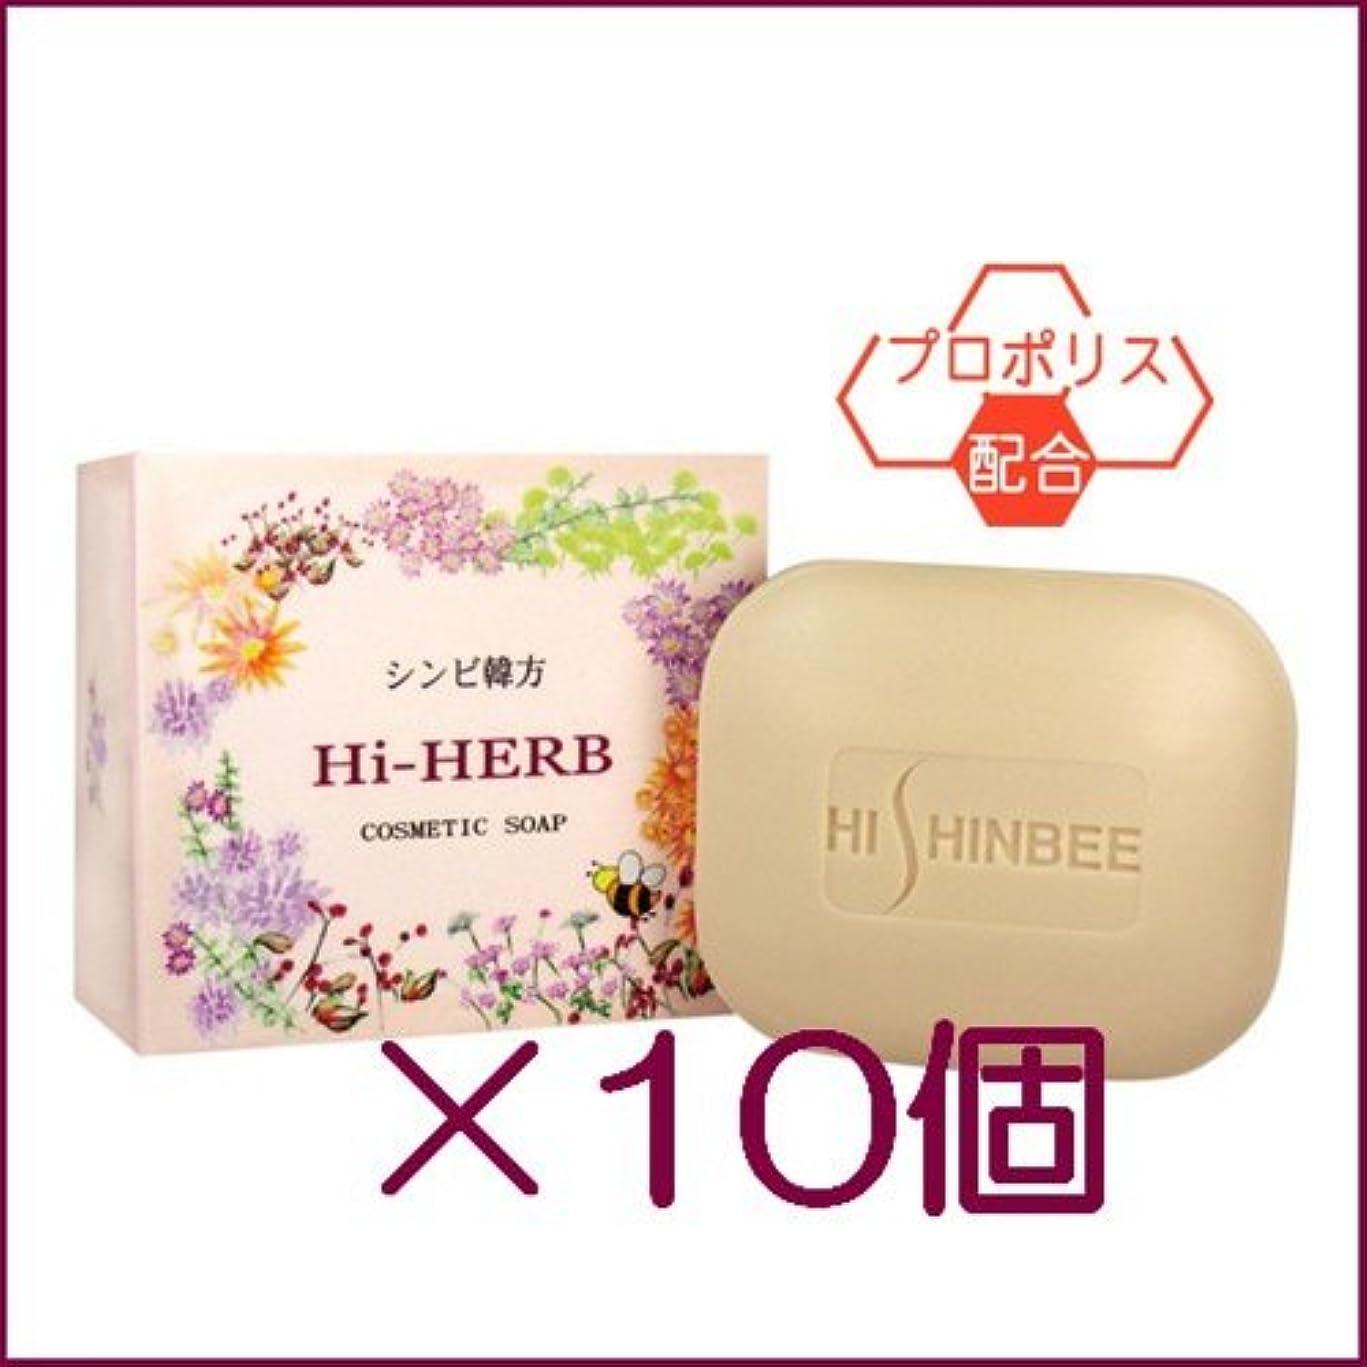 ショートカットパイプ現実的シンビ 韓方ハイハーブ石鹸 100g ×10個